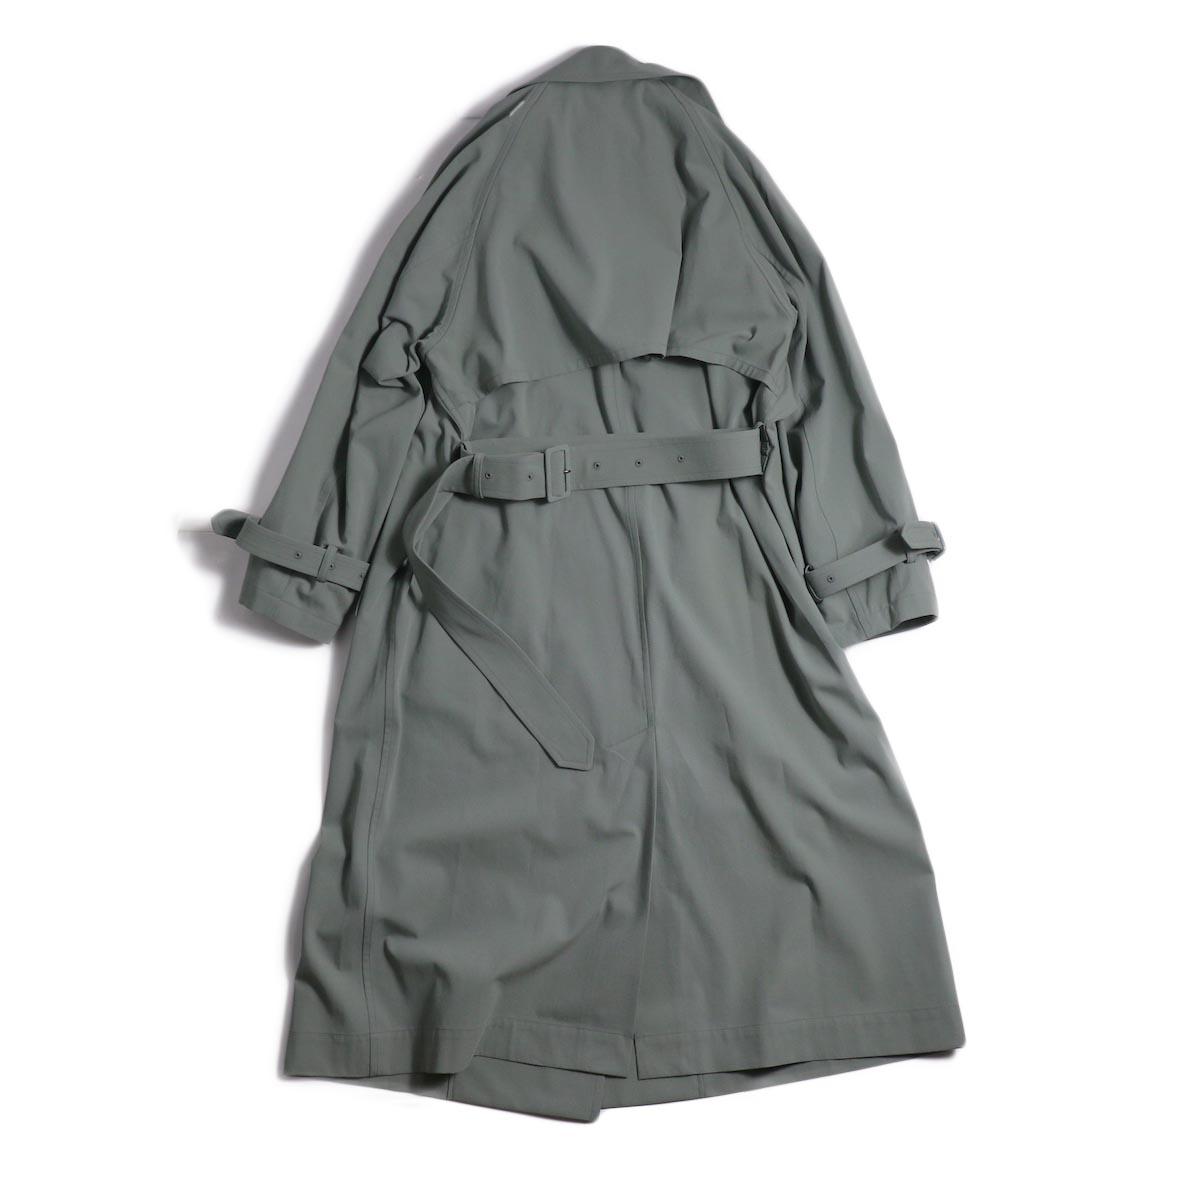 YLEVE / Cotton/Linen High Twist Twill Coat -Sage 背面